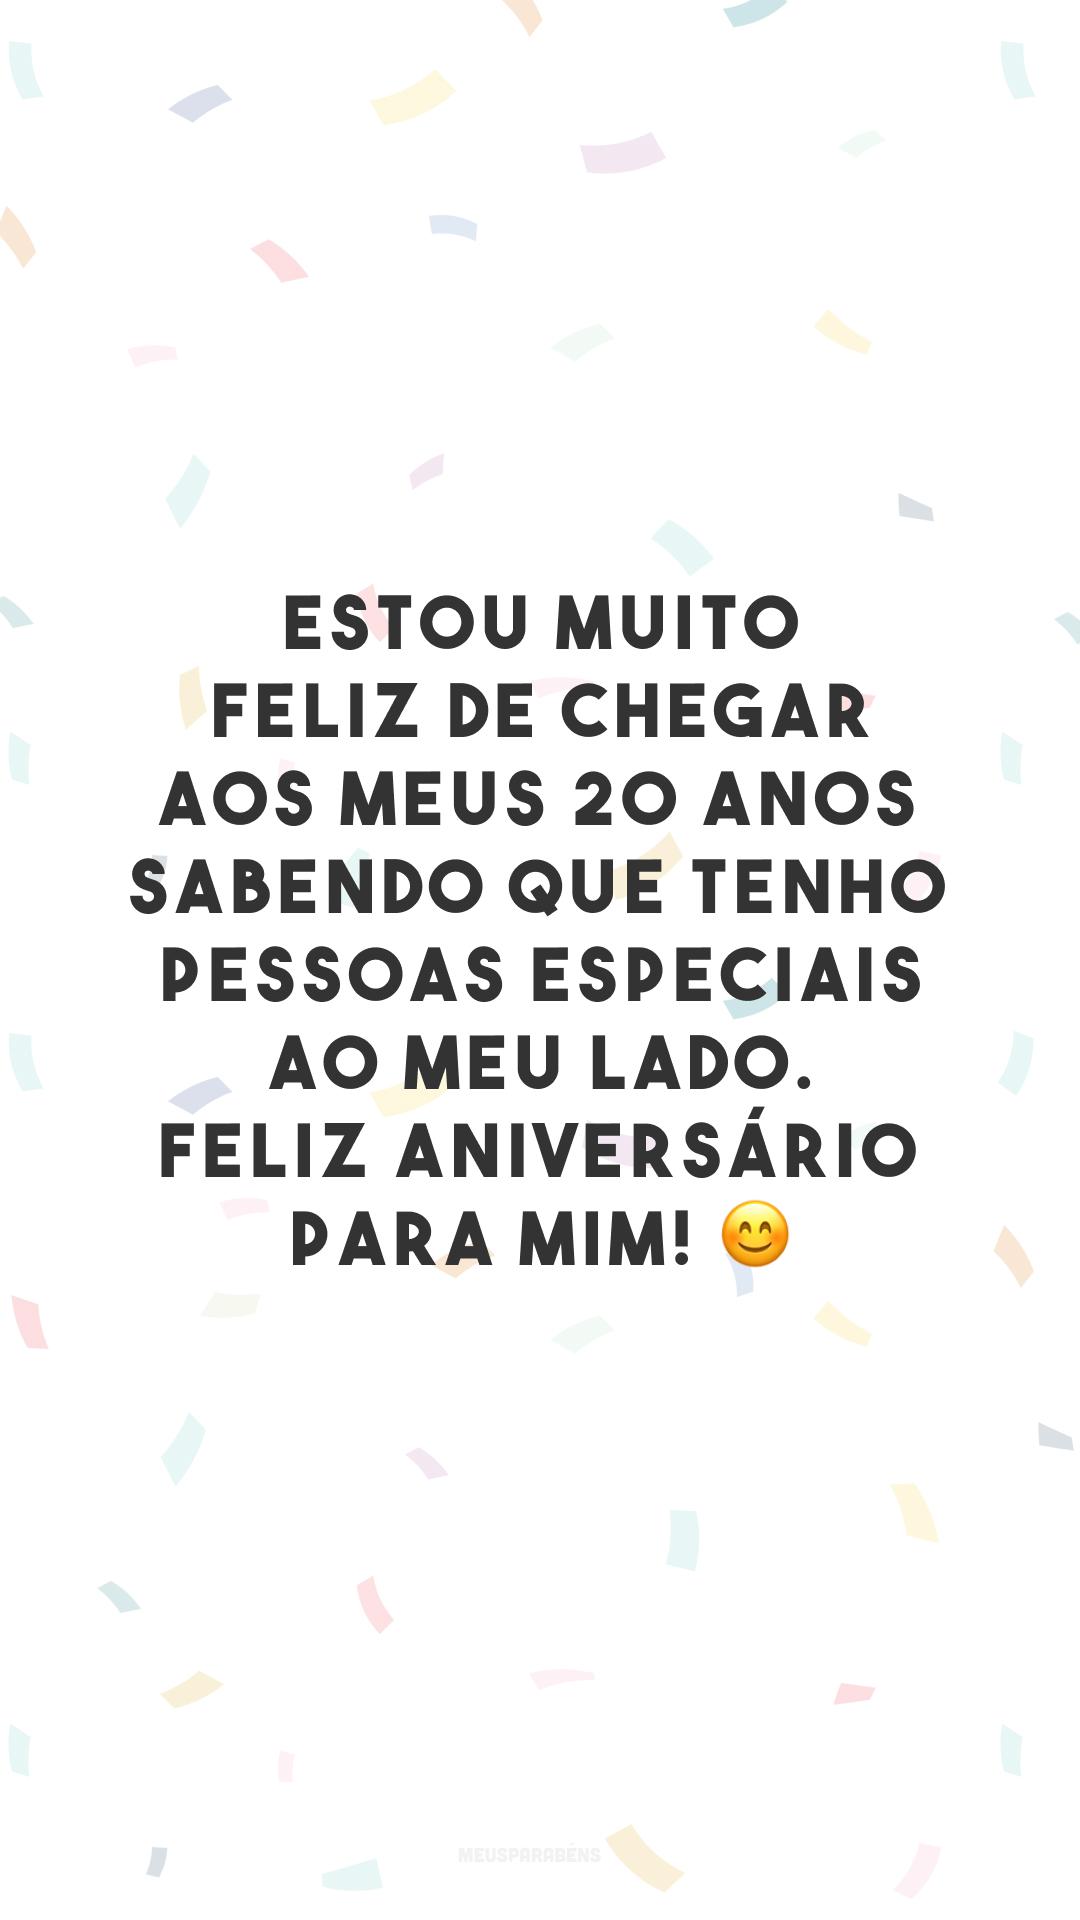 Estou muito feliz de chegar aos meus 20 anos sabendo que tenho pessoas especiais ao meu lado. Feliz aniversário para mim! 😊